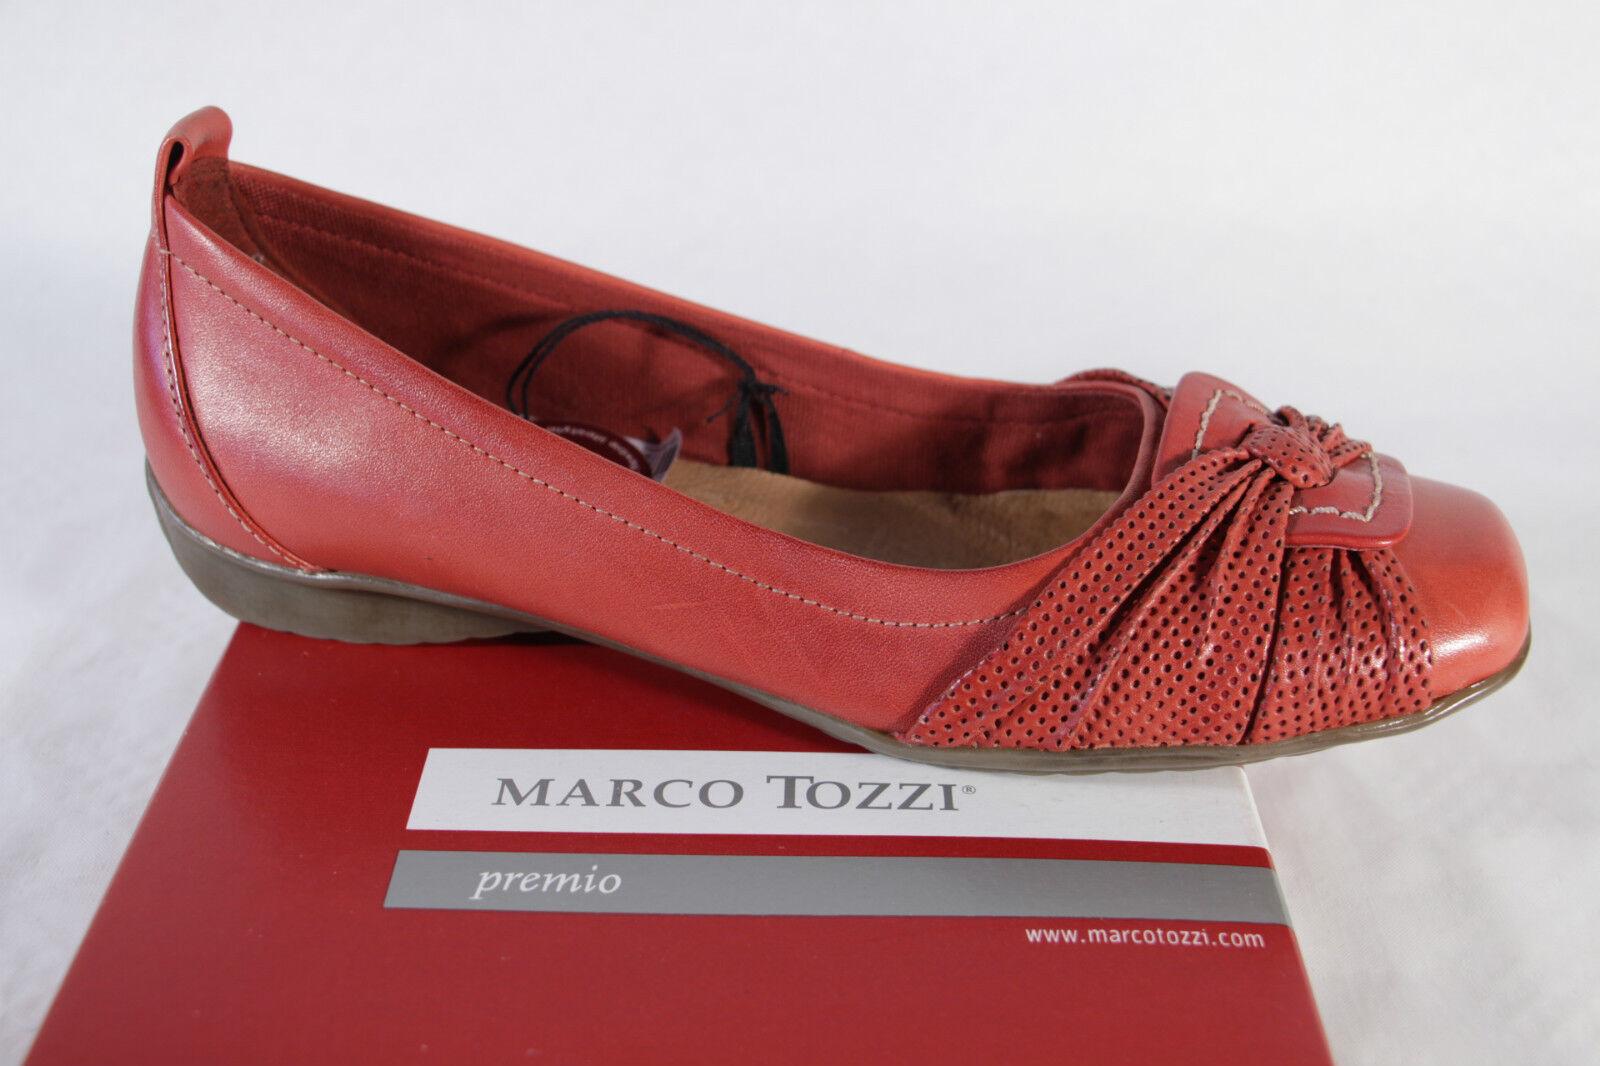 Marco Tozzi Pantaloni per donne Sole  rosse, Morbido Nuovo  ordinare on-line